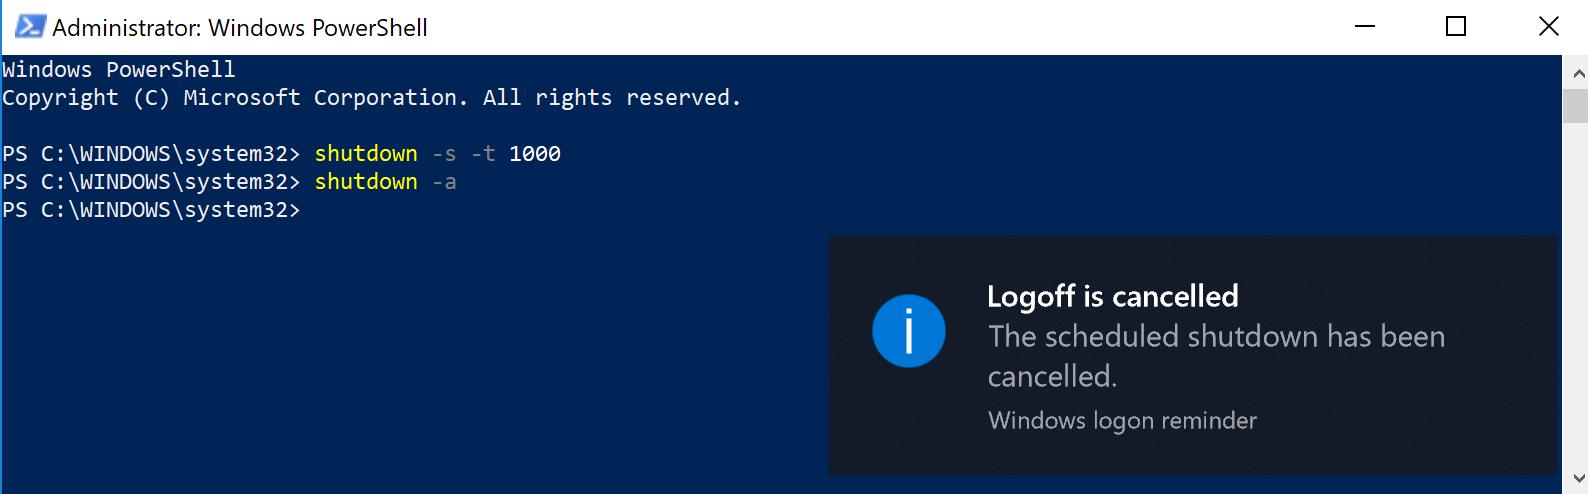 Sử dụng Window PowerShell (Admin) để hẹn giờ tắt máy tính, laptop Windows 10 2